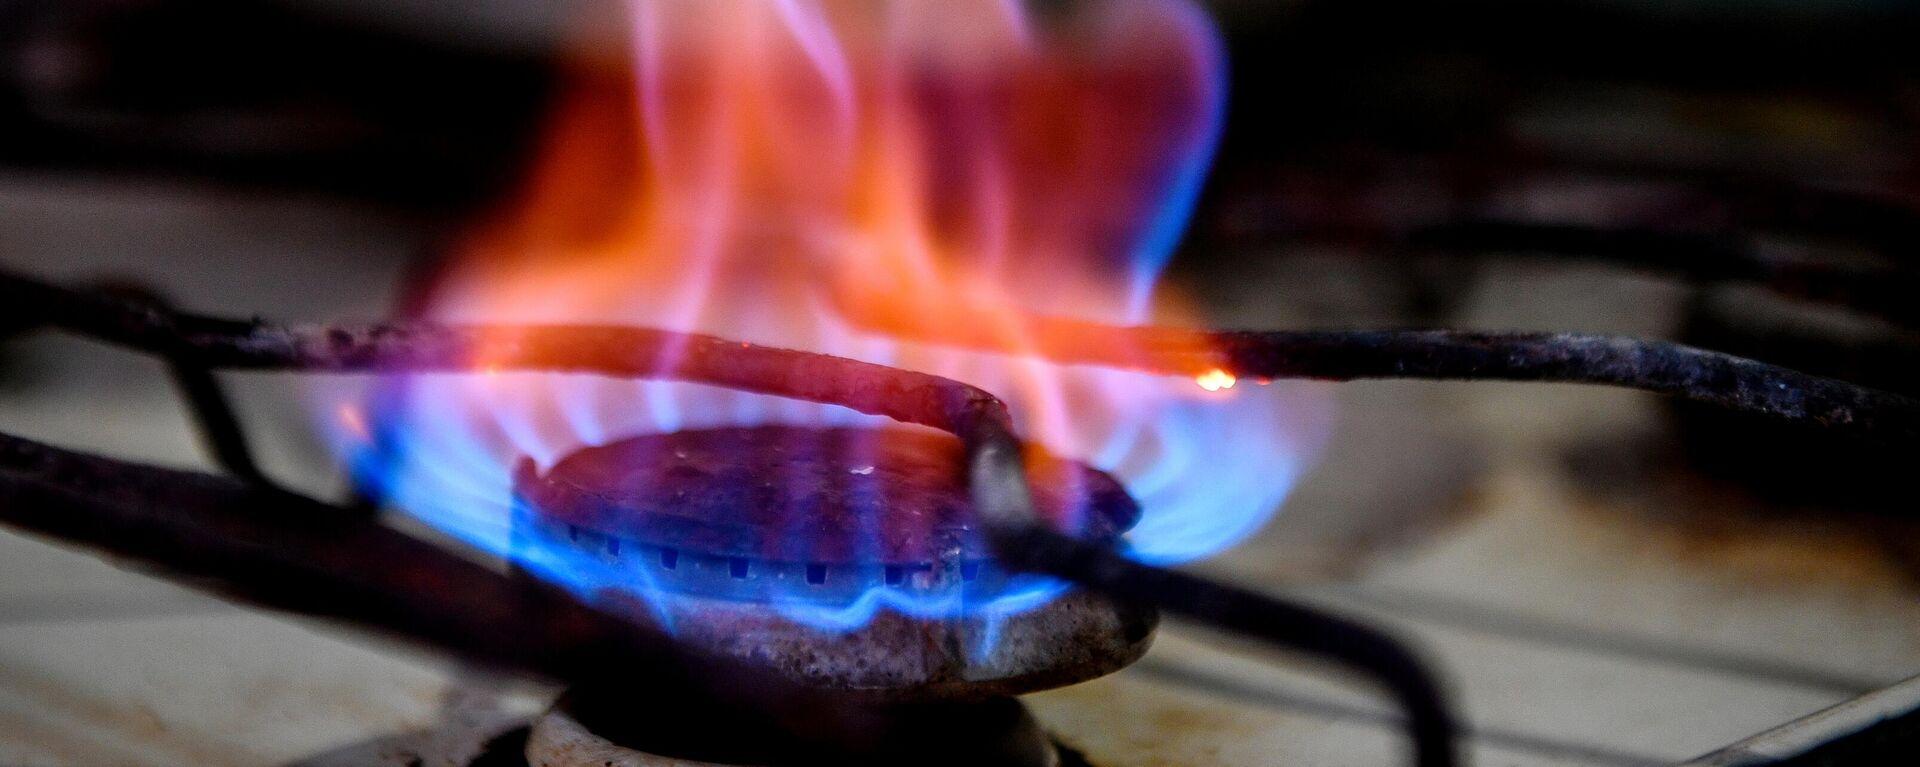 Gas im Haushalt  - SNA, 1920, 23.09.2021